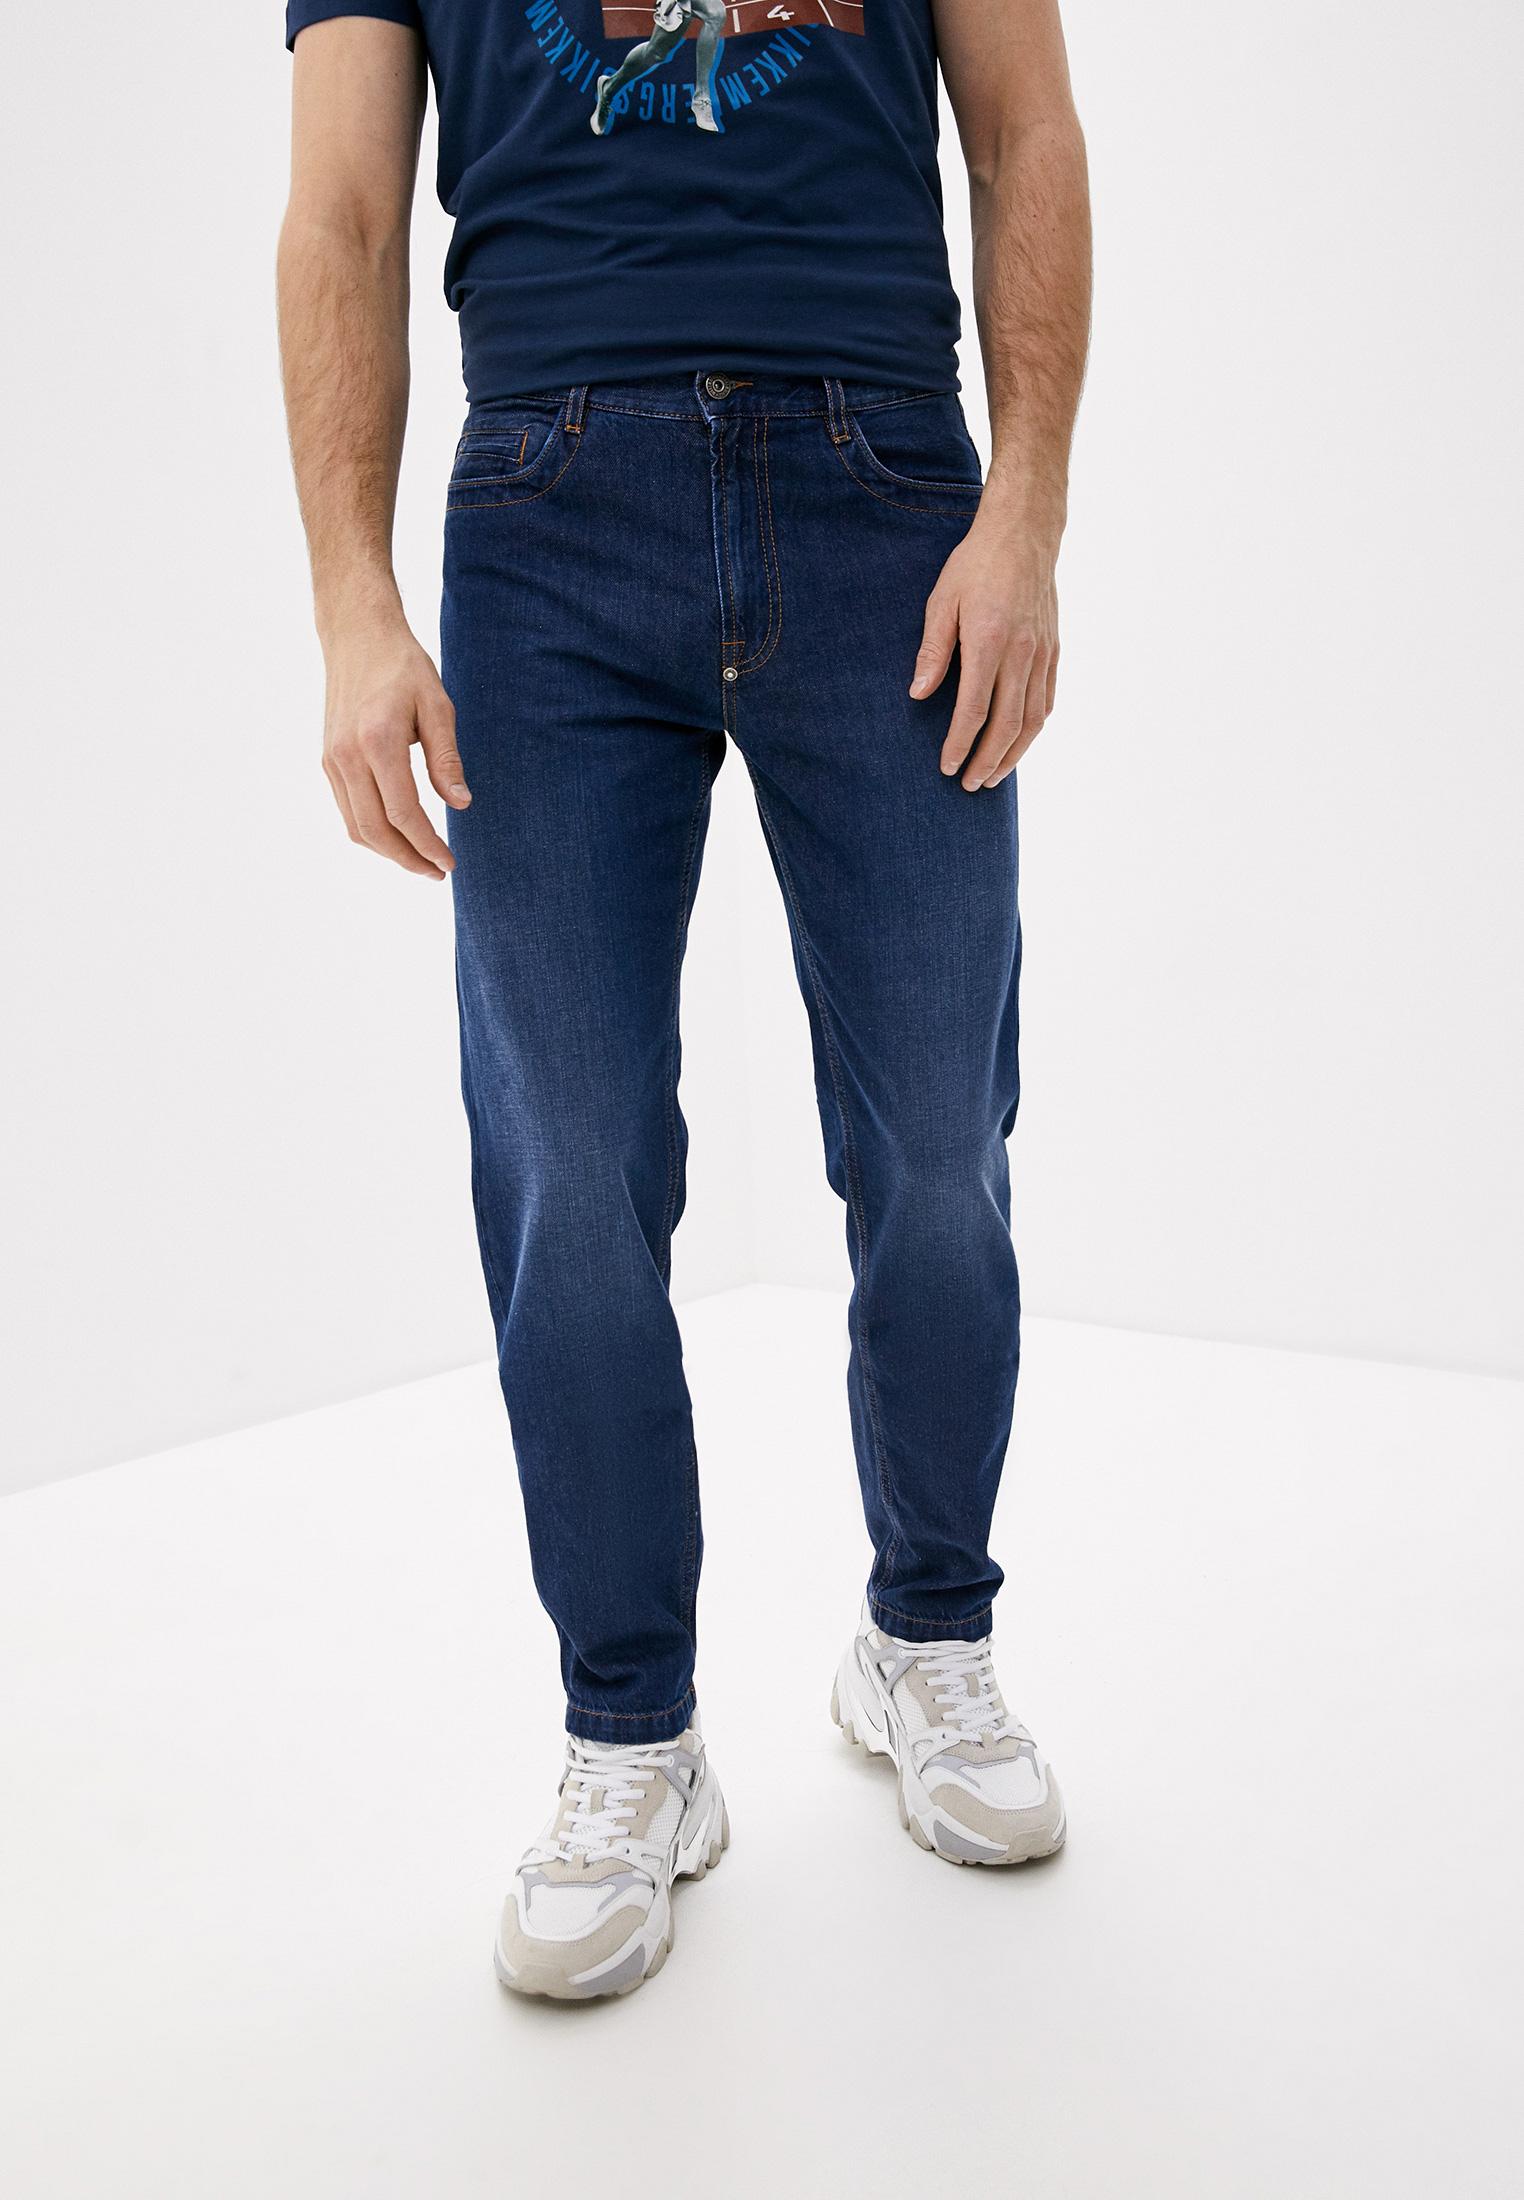 Мужские прямые джинсы Bikkembergs (Биккембергс) c q 102 03 t 9974: изображение 6